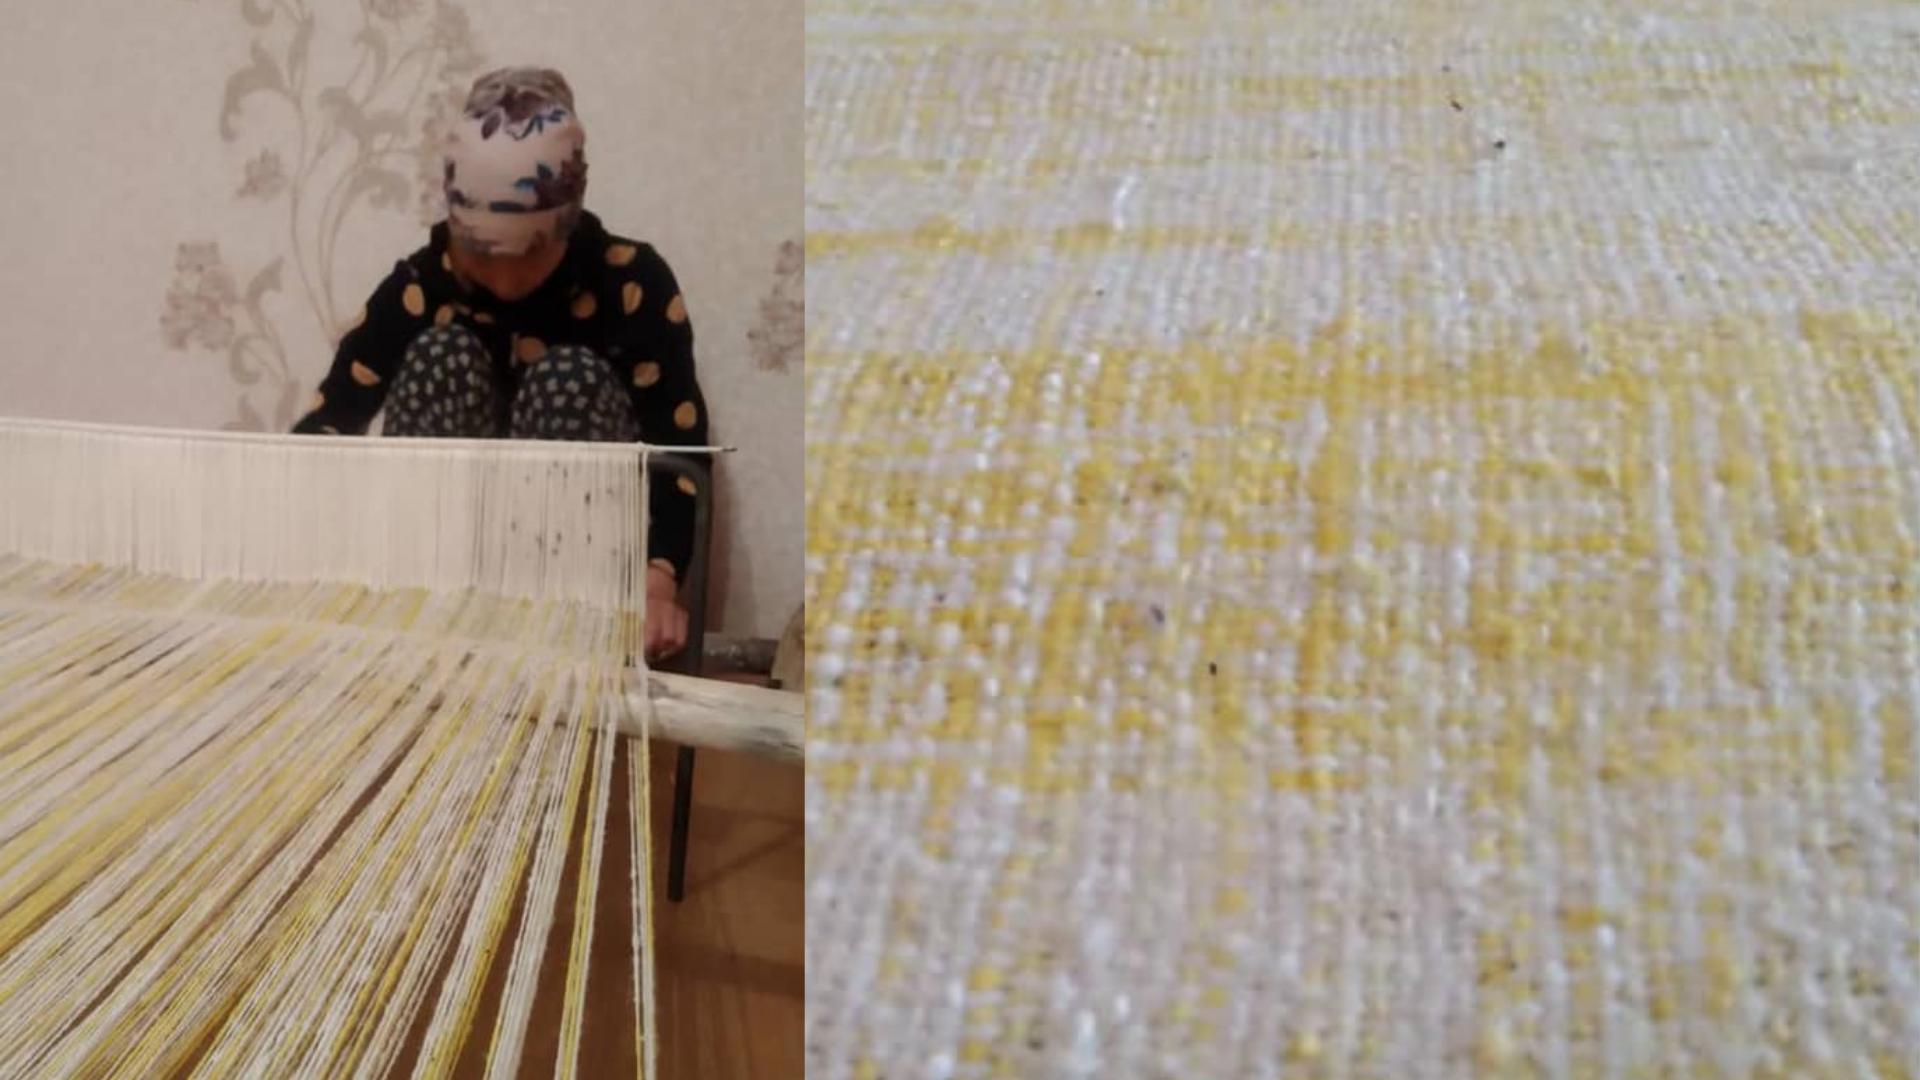 Чоң-Алайлык аялдар колго соккон таардан Германияда саркеч кедалар тигилет